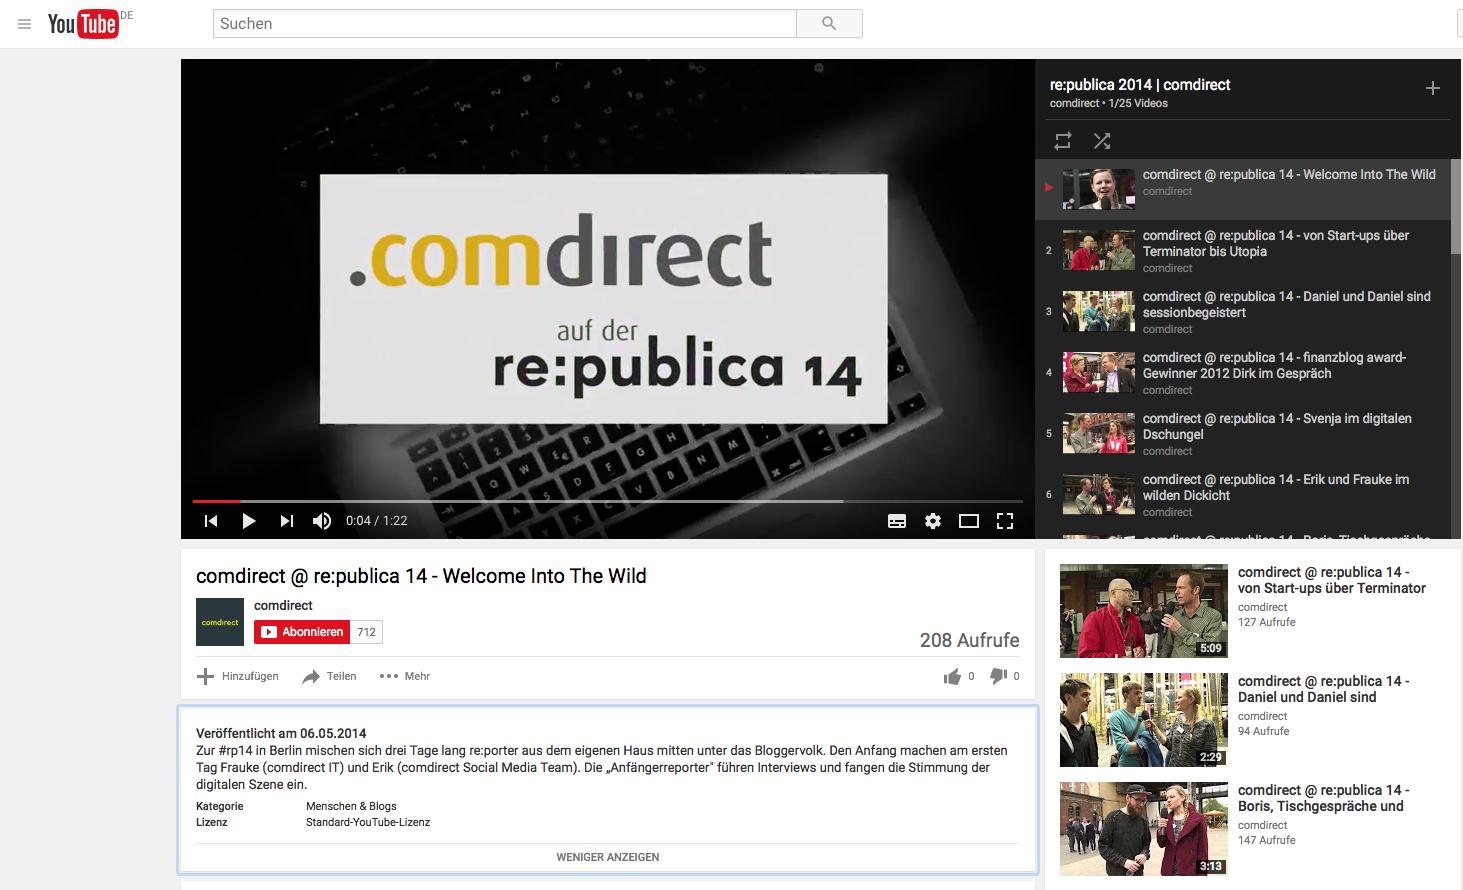 Youtube Redaktion bei comdirect zur rp14 im Auftrag von buw digital